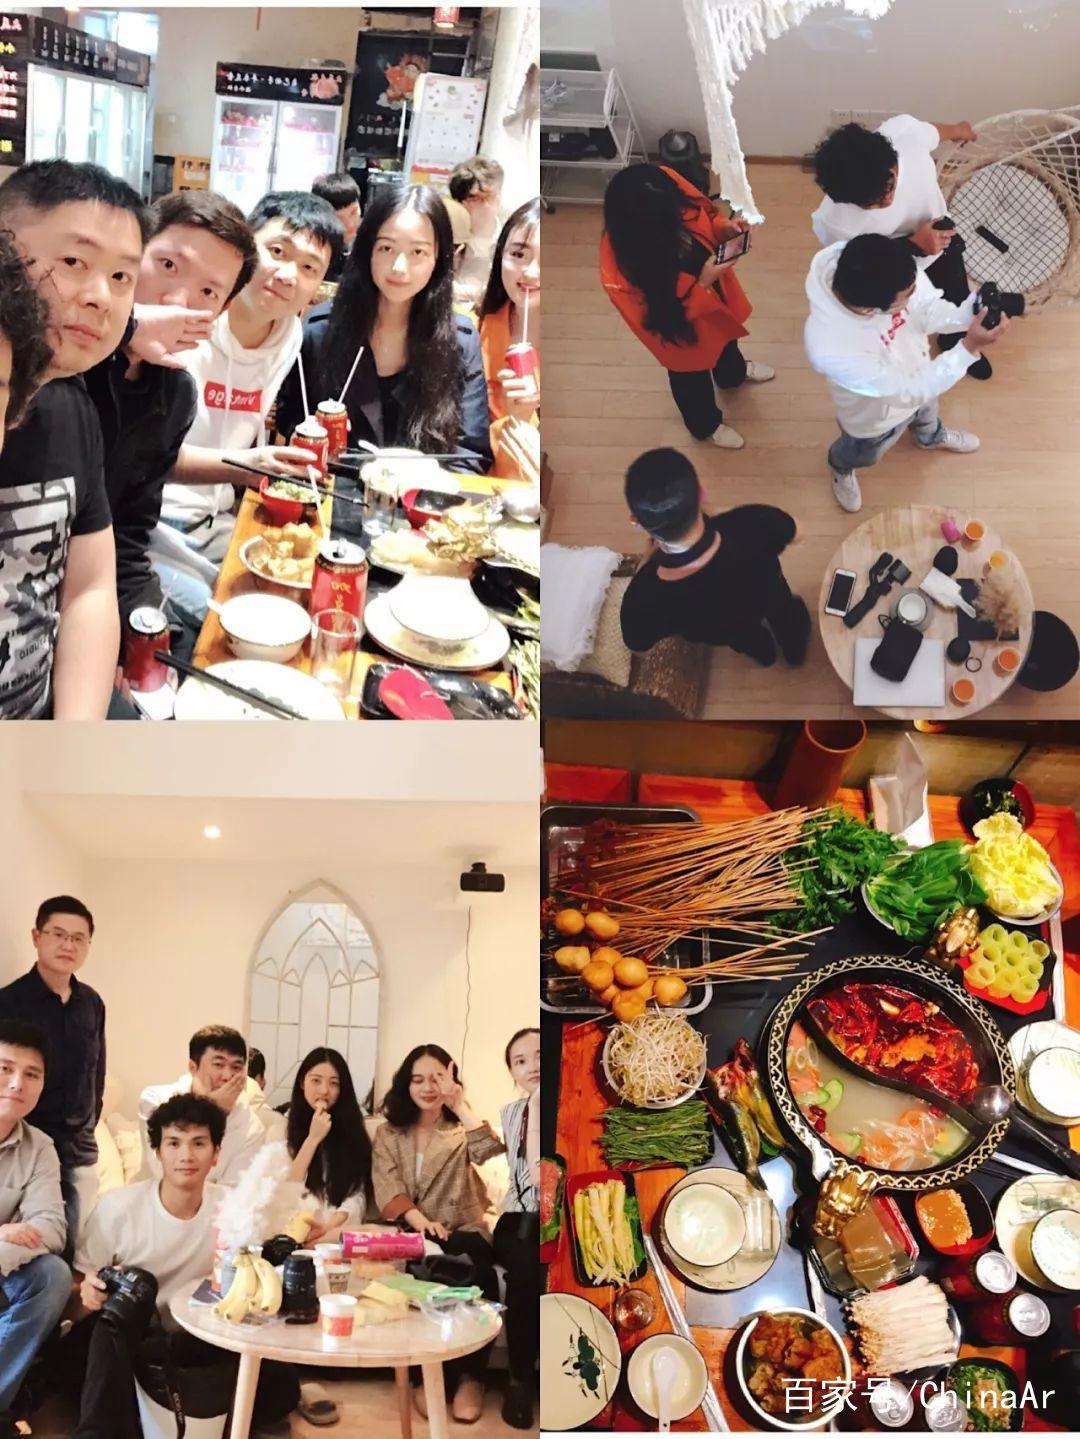 杭州网红民宿   90%年轻人不知道的摄影轰趴体验 推荐 第10张